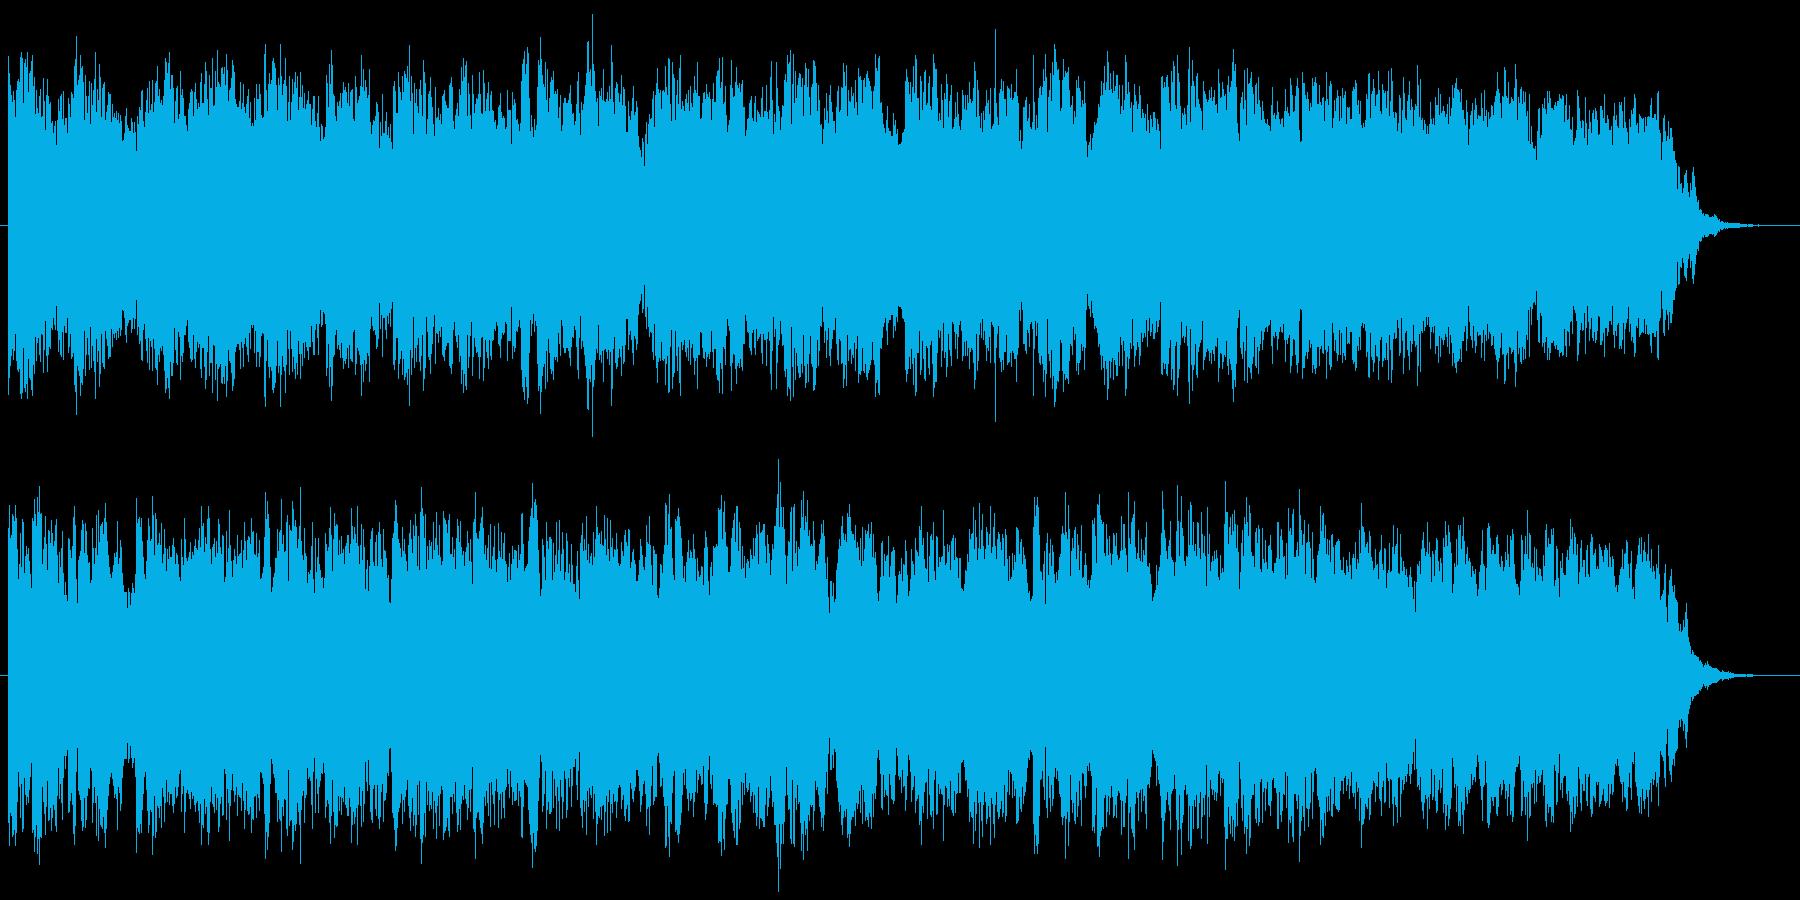 【生演奏】尺八と箏の童謡風アンビエントの再生済みの波形